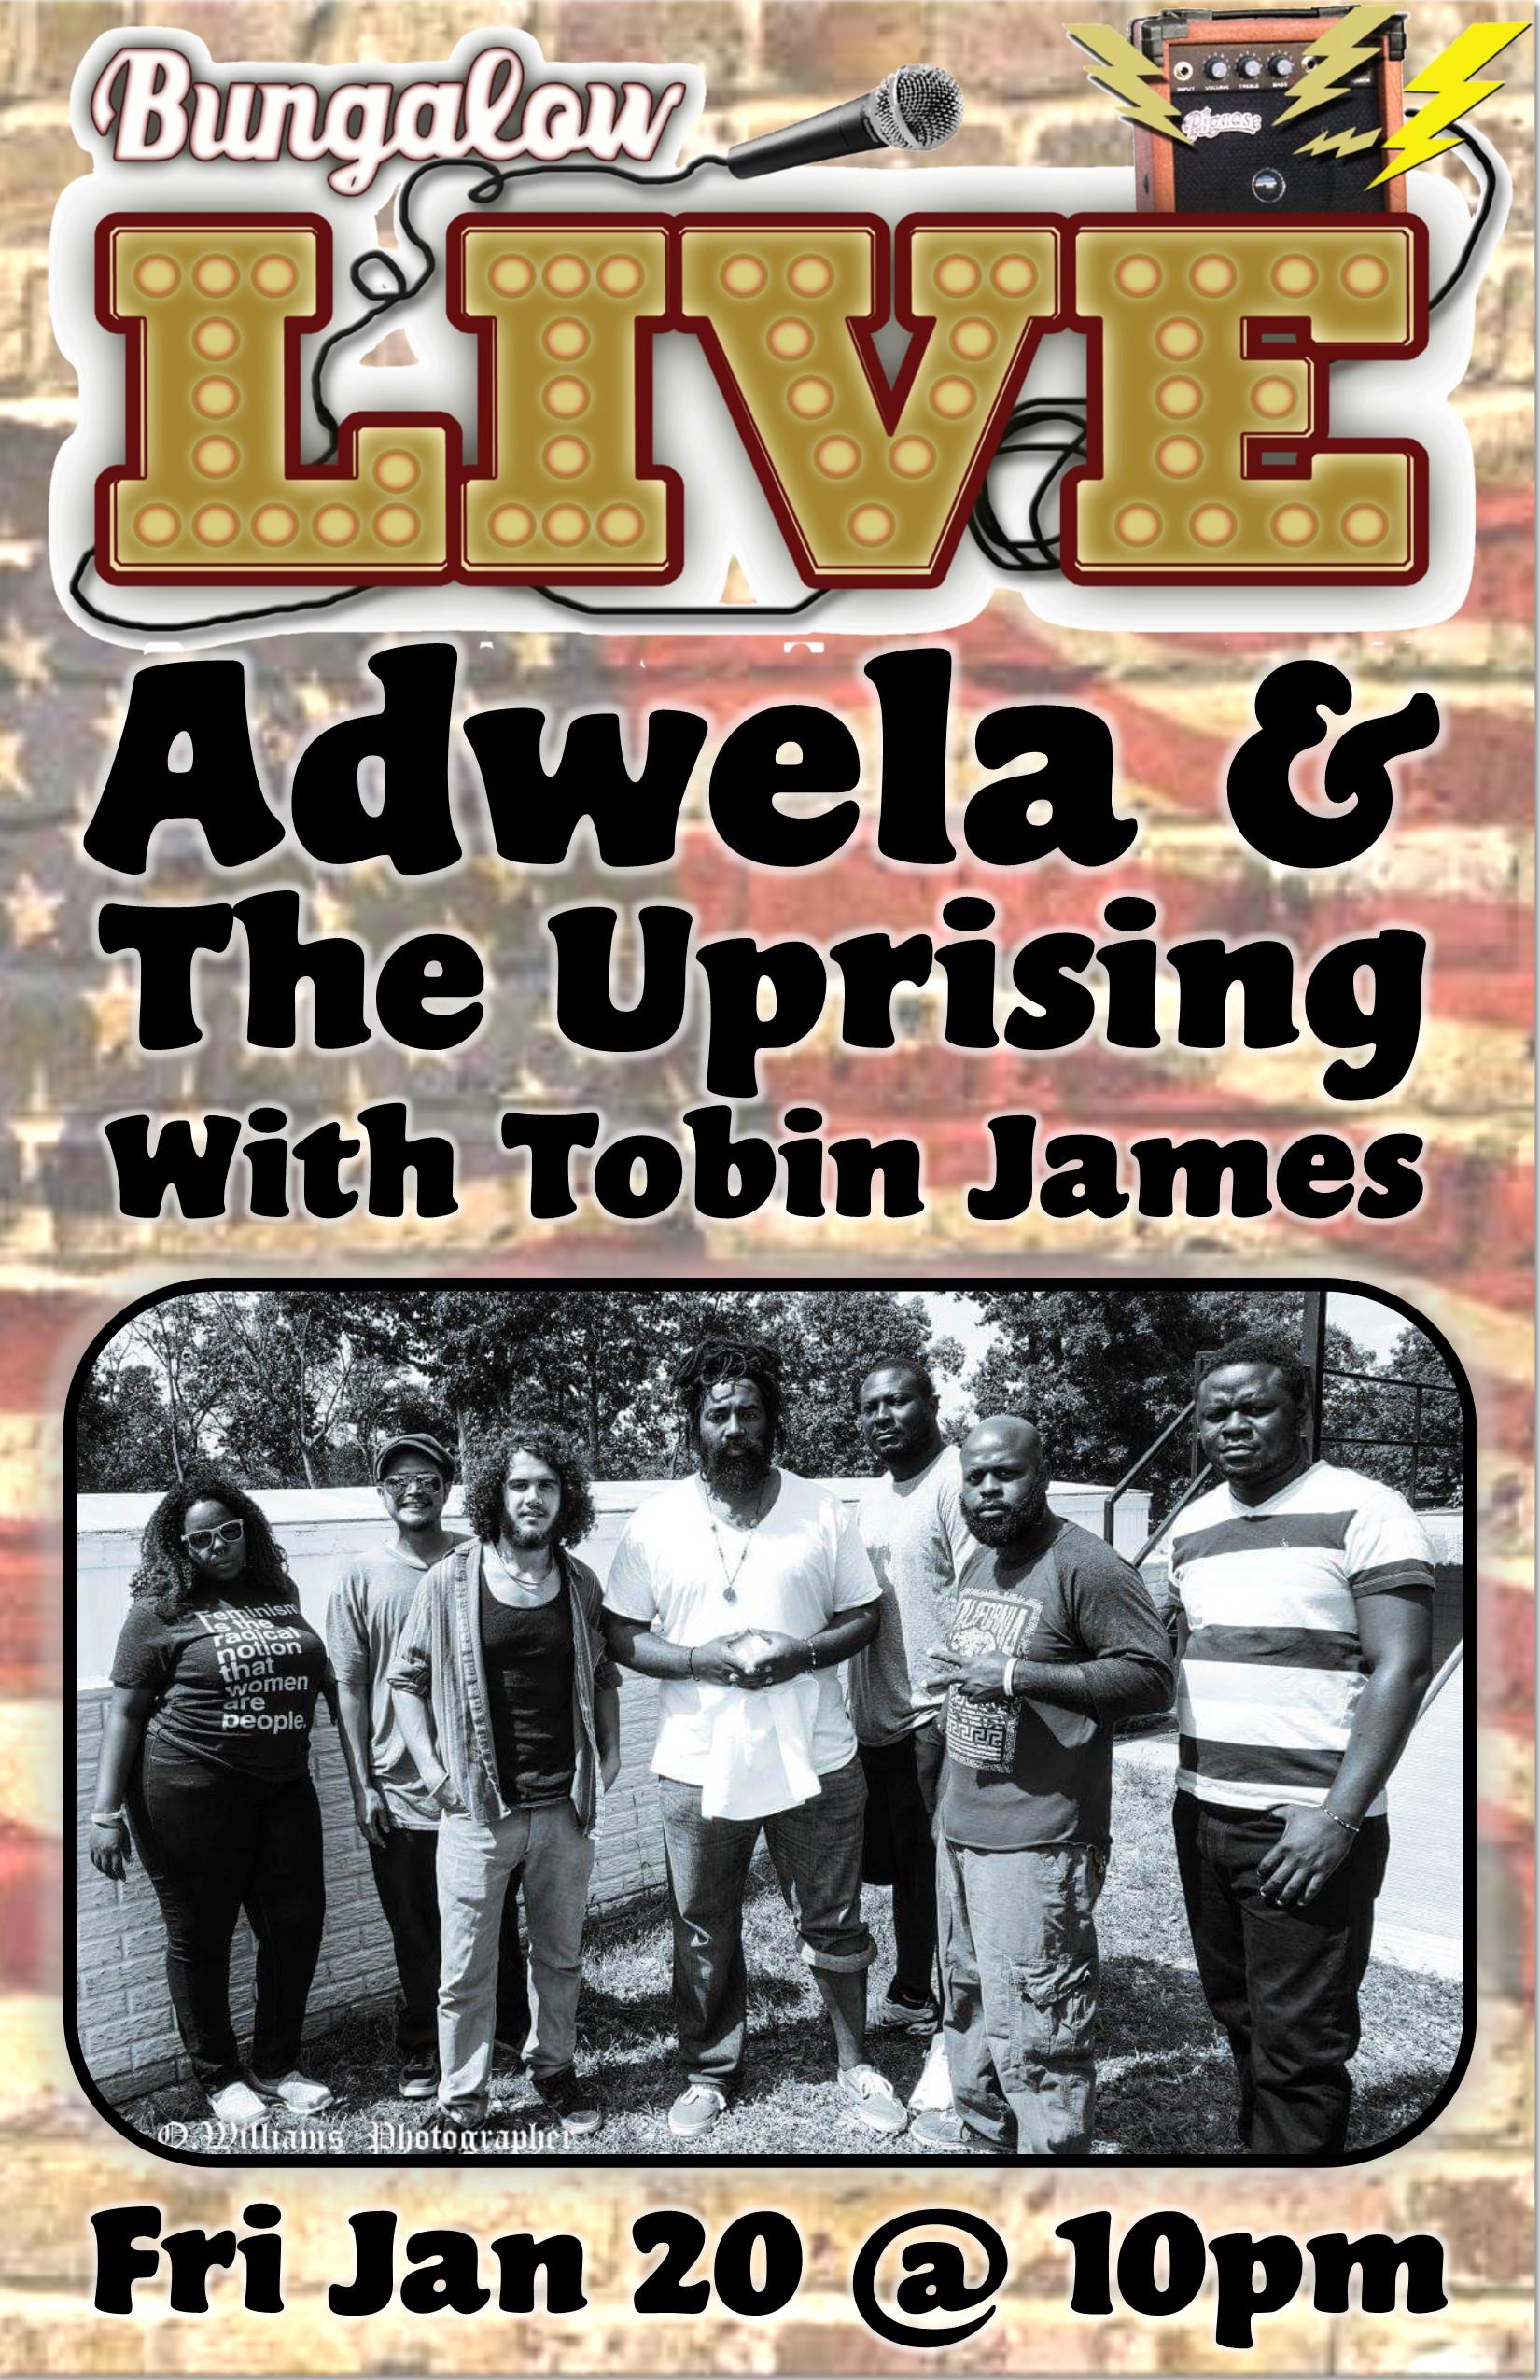 Adwela